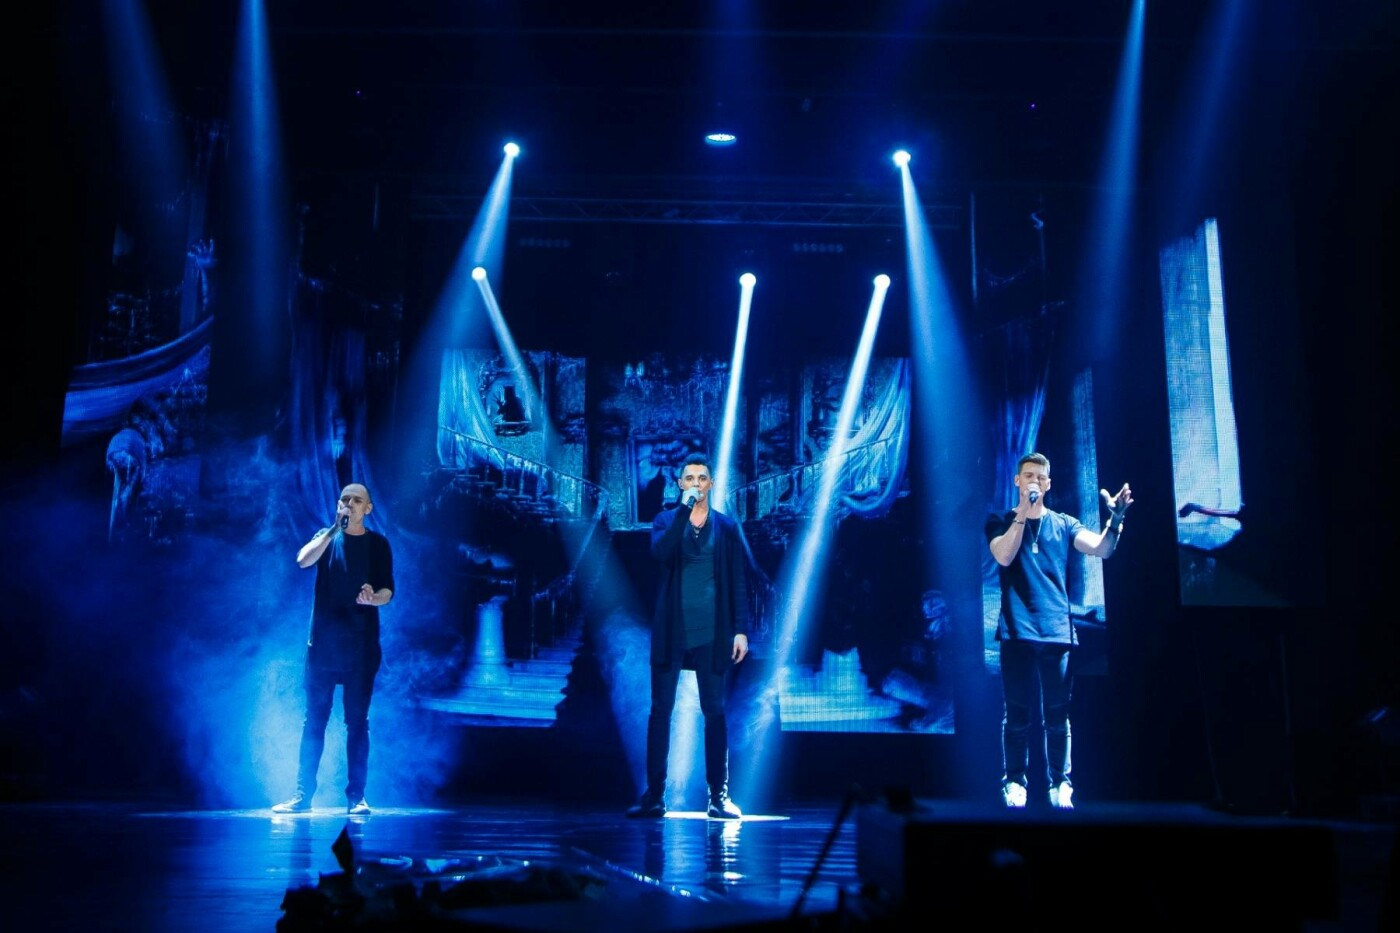 Запорожцев приглашают на концерт финалистов музыкальных телешоу, фото-2